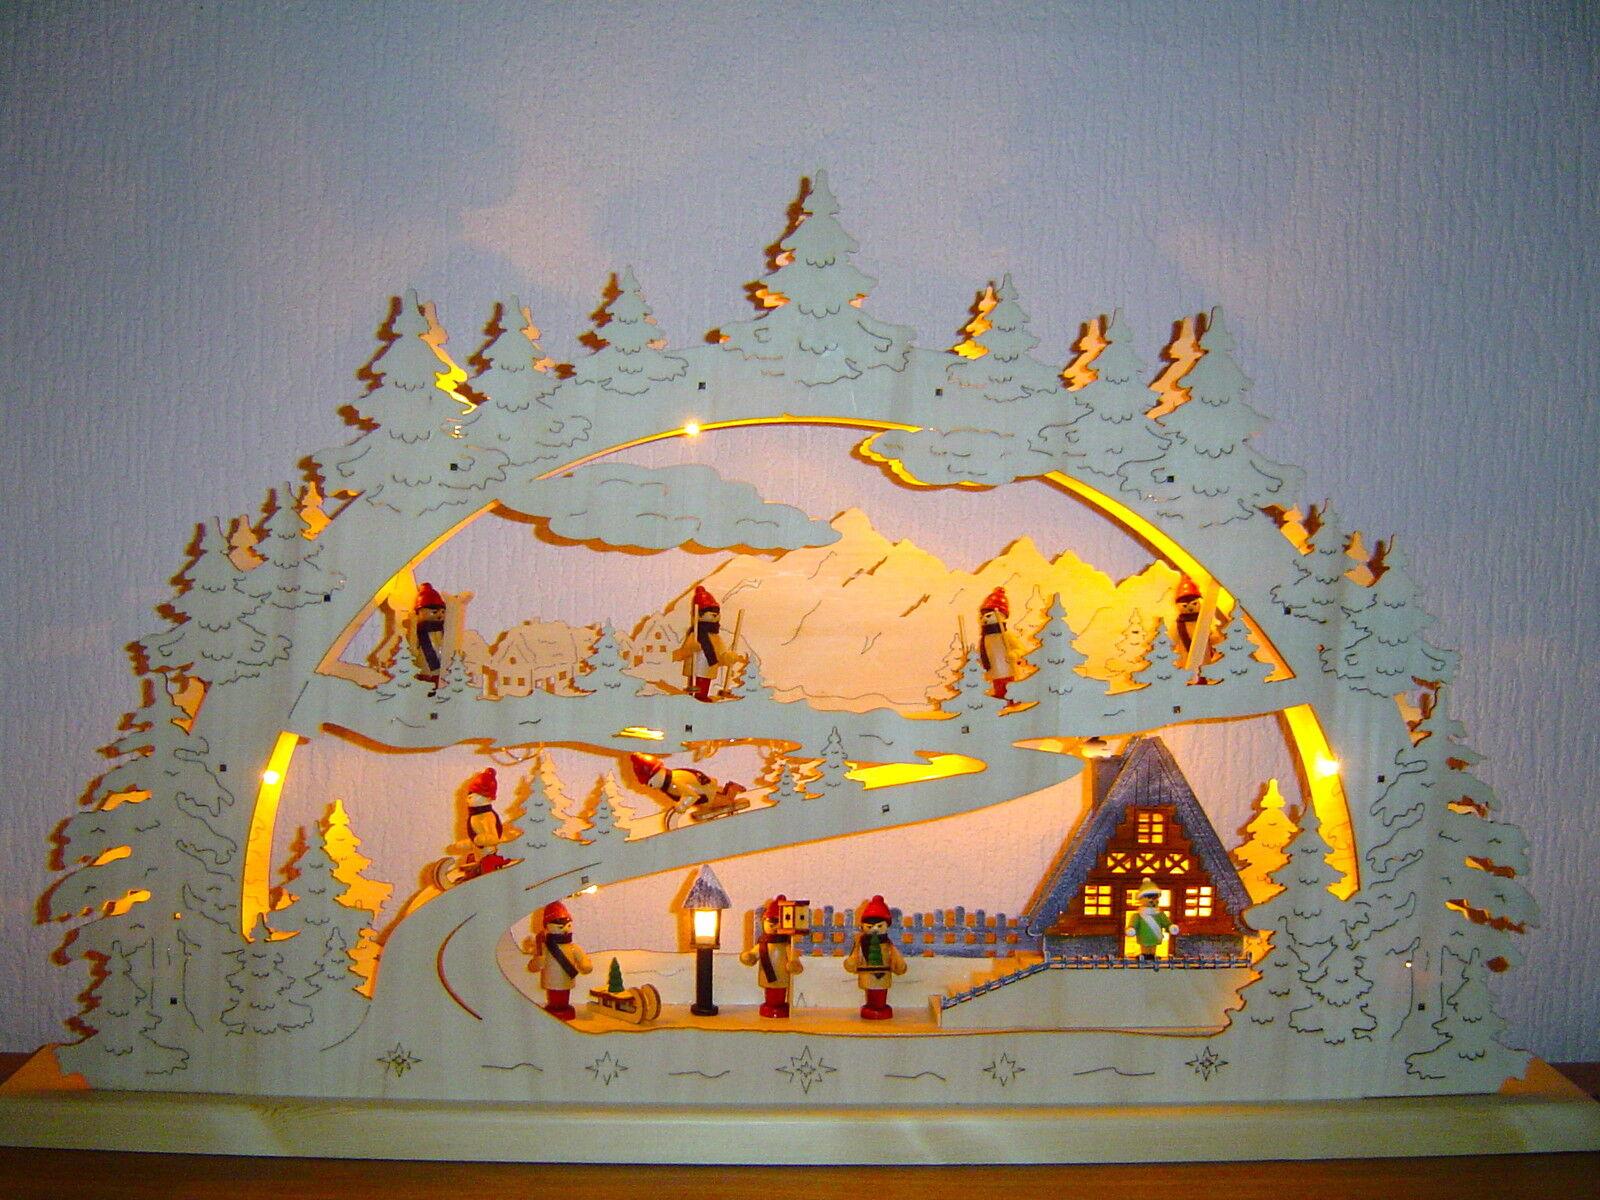 LED Arc à lumière à bougies 3D Maison mit 10 enfants d'HIVER 78x 46 cm 10000